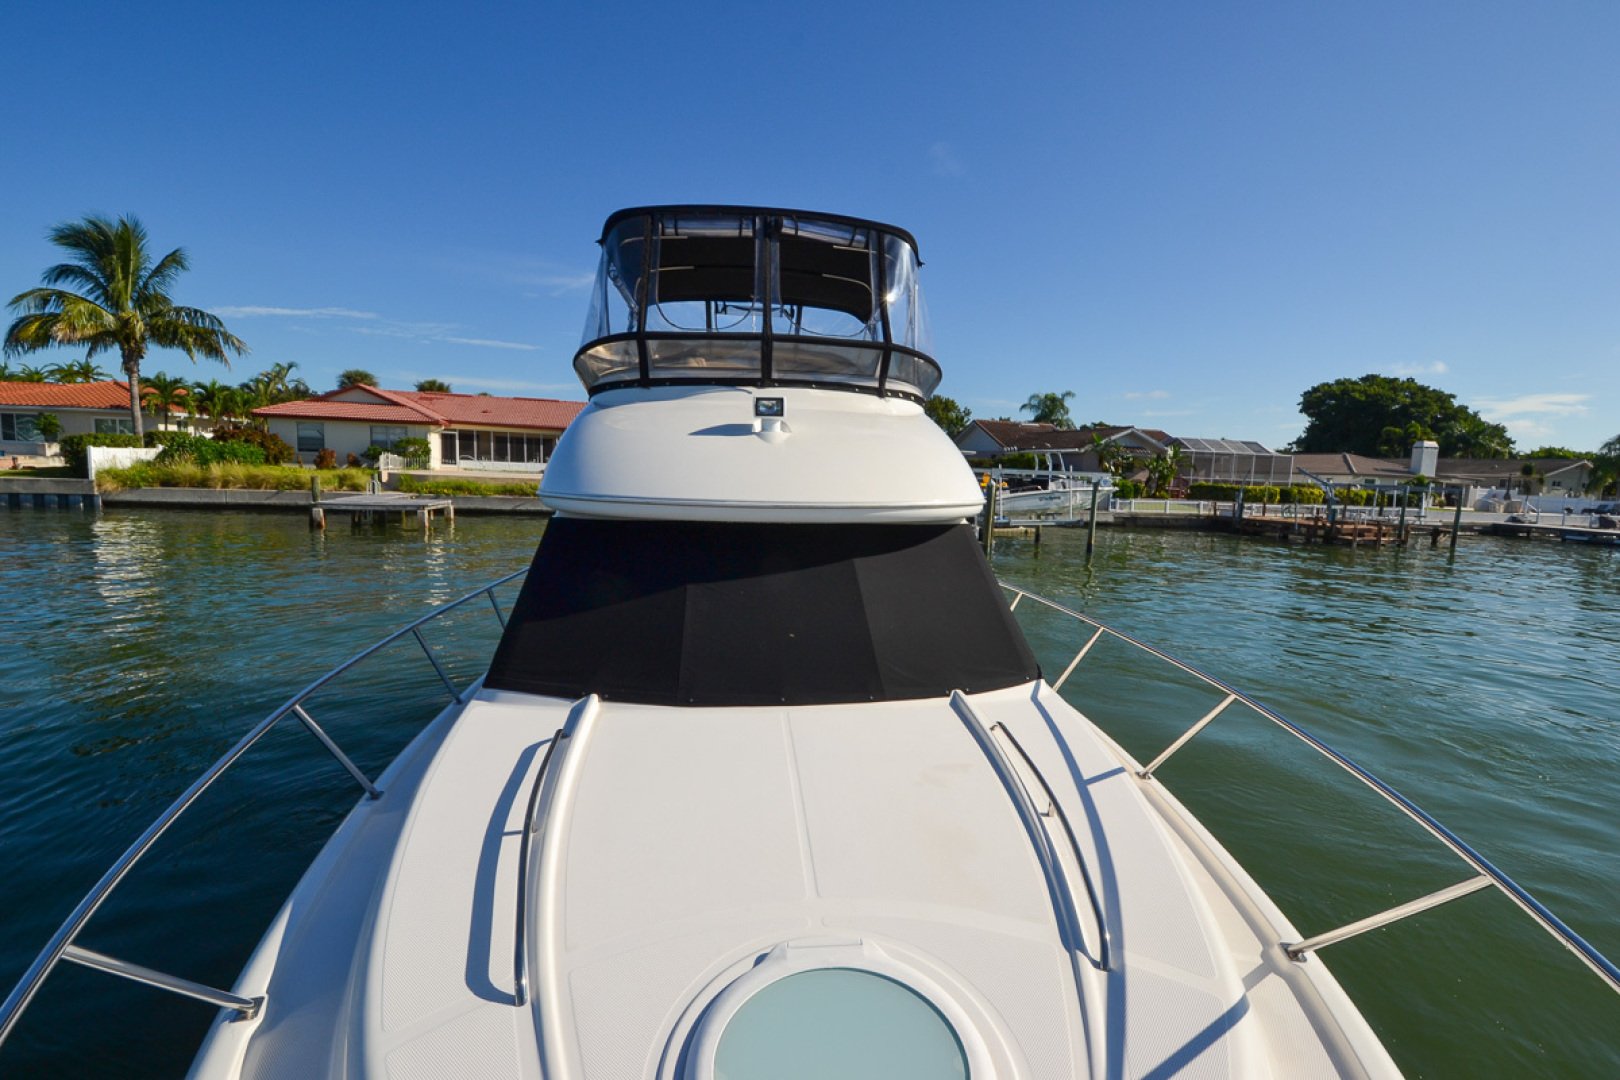 Meridian-341 Sedan 2004-Sea Harmony Belleair Beach-Florida-United States-1496613 | Thumbnail